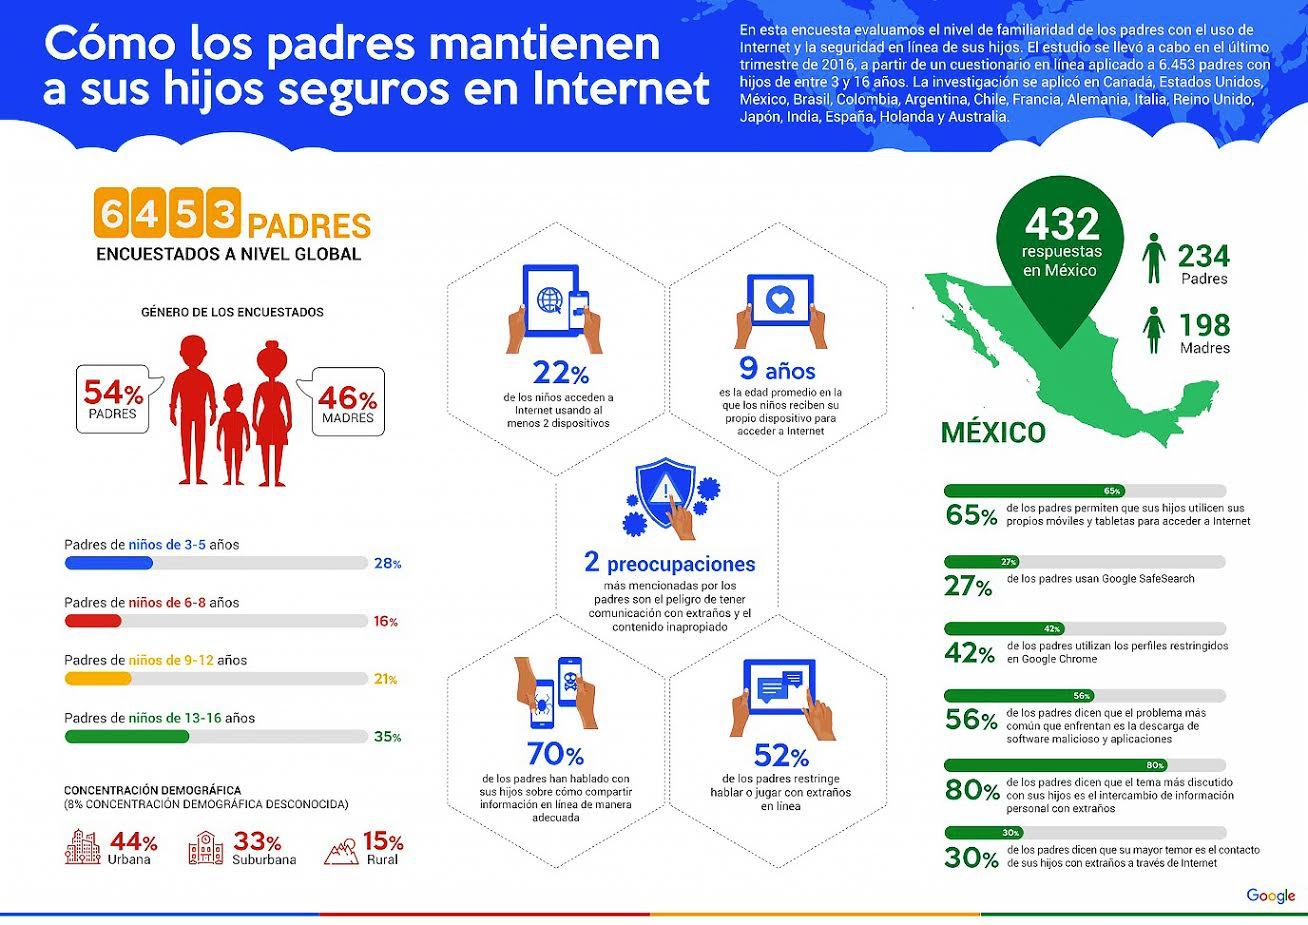 En México, el 80% de los papás se muestran preocupados porque sus hijos tengan interacciones con extraños. (Google)